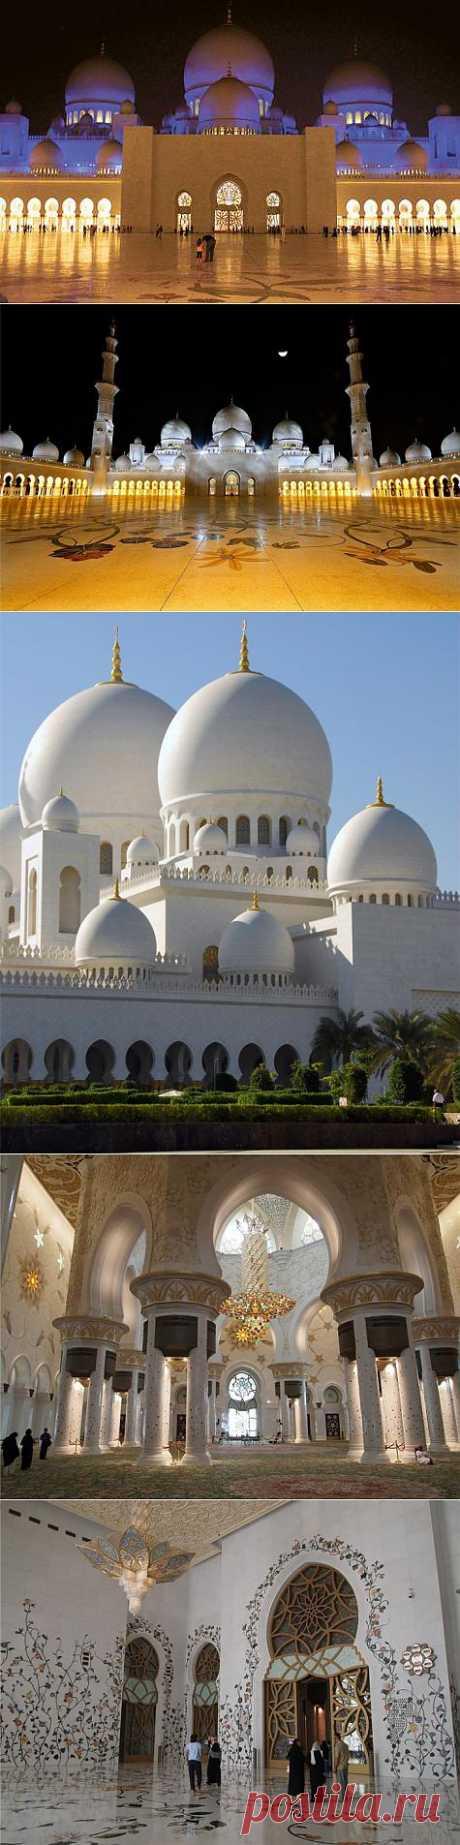 (+1) тема - Дворец для шейха | УДИВИТЕЛЬНОЕ